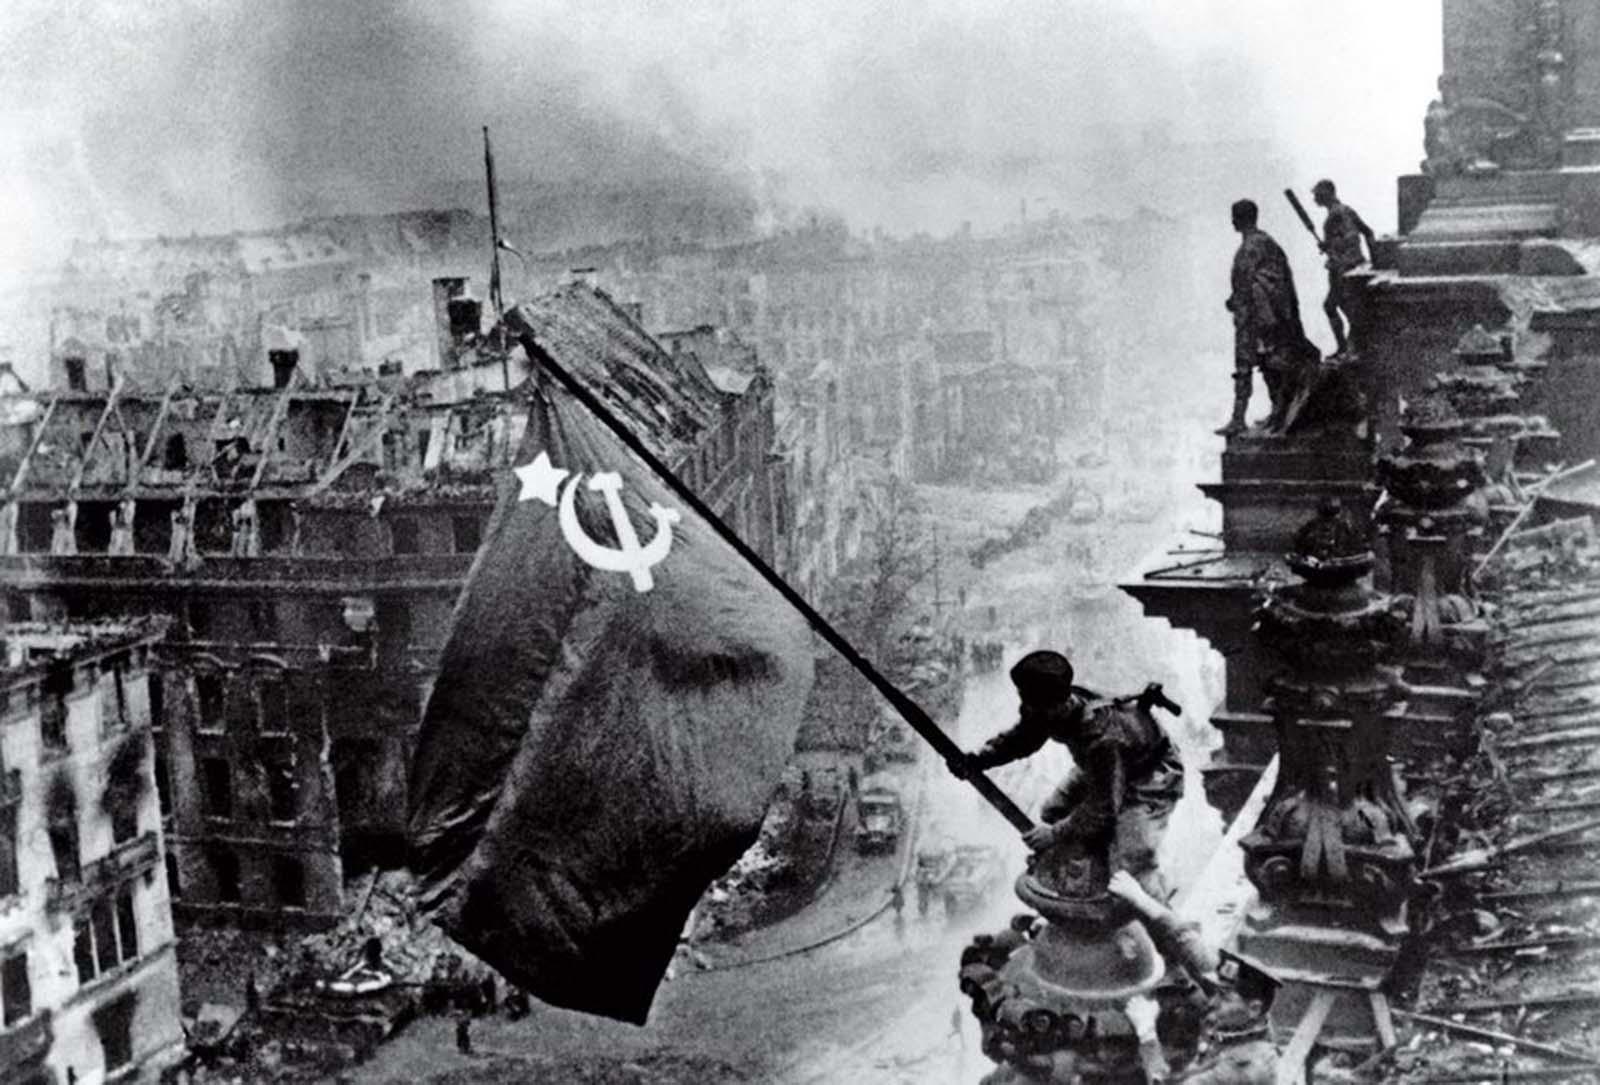 Fotó: Jevgenyij Haldej: Raising the Banner of Victory, Berlin, 1945. május 2. © Jevgenyij Haldej:<br /><br />A Jevgenyij Haldej zászlót kitűző katonájának fotóját - mely már a Mai Manó Házban is bemutattuk - számtalan legenda övezi, és az is biztos, hogy egy újrajátszott pillanatát láthatjuk történelmünknek.